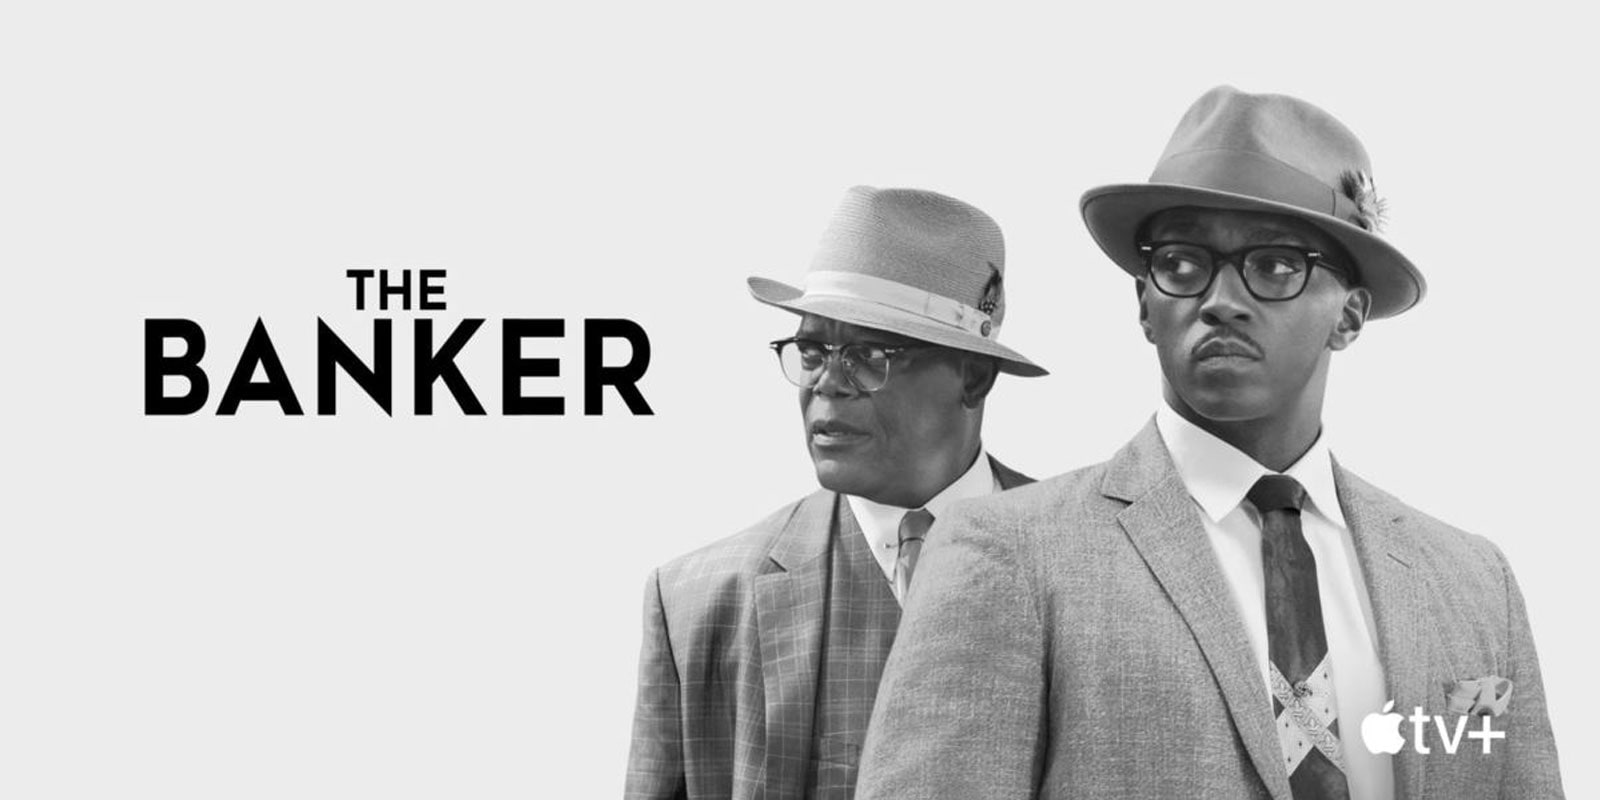 Банкир (2020) — The Banker